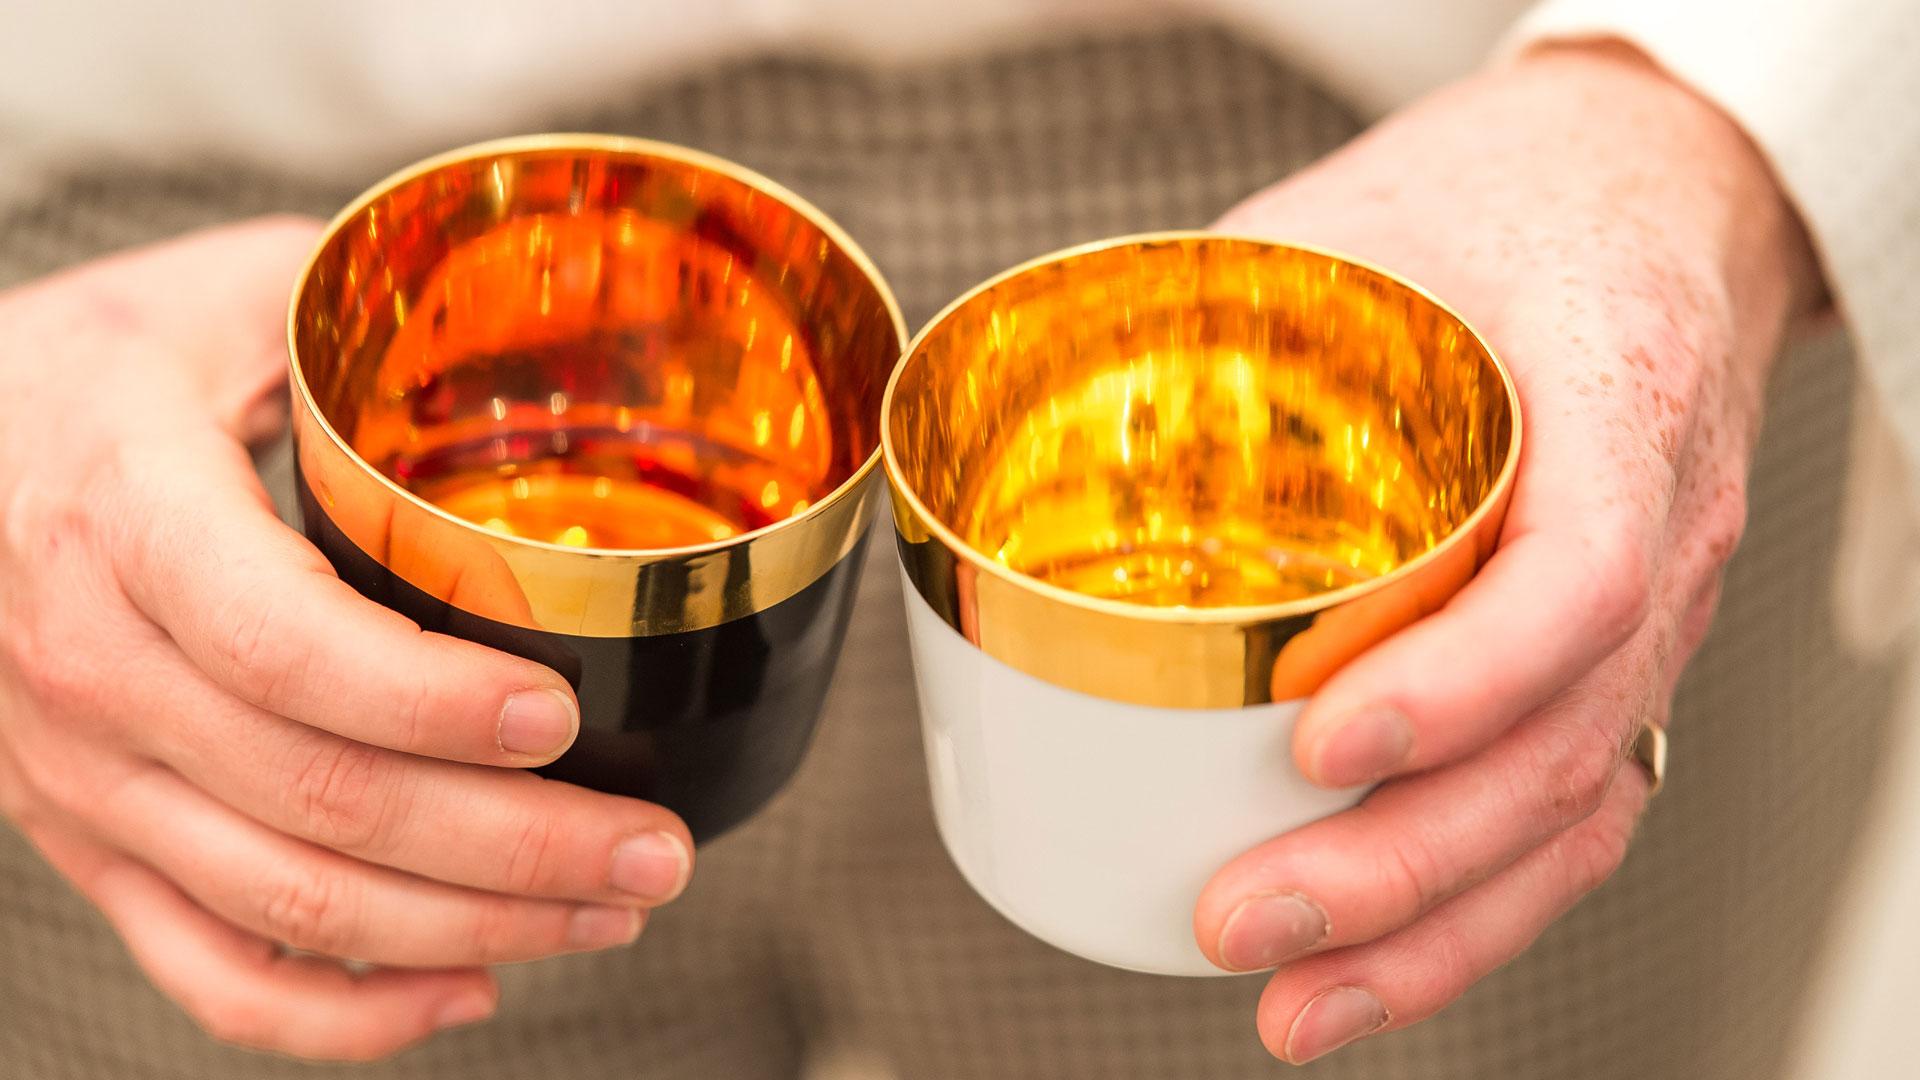 Zwei Hände mit je einem Champagnerbecher in schwarz und einem in weiß, gefüllt mit Wasser, Becher sind von innen vergoldet